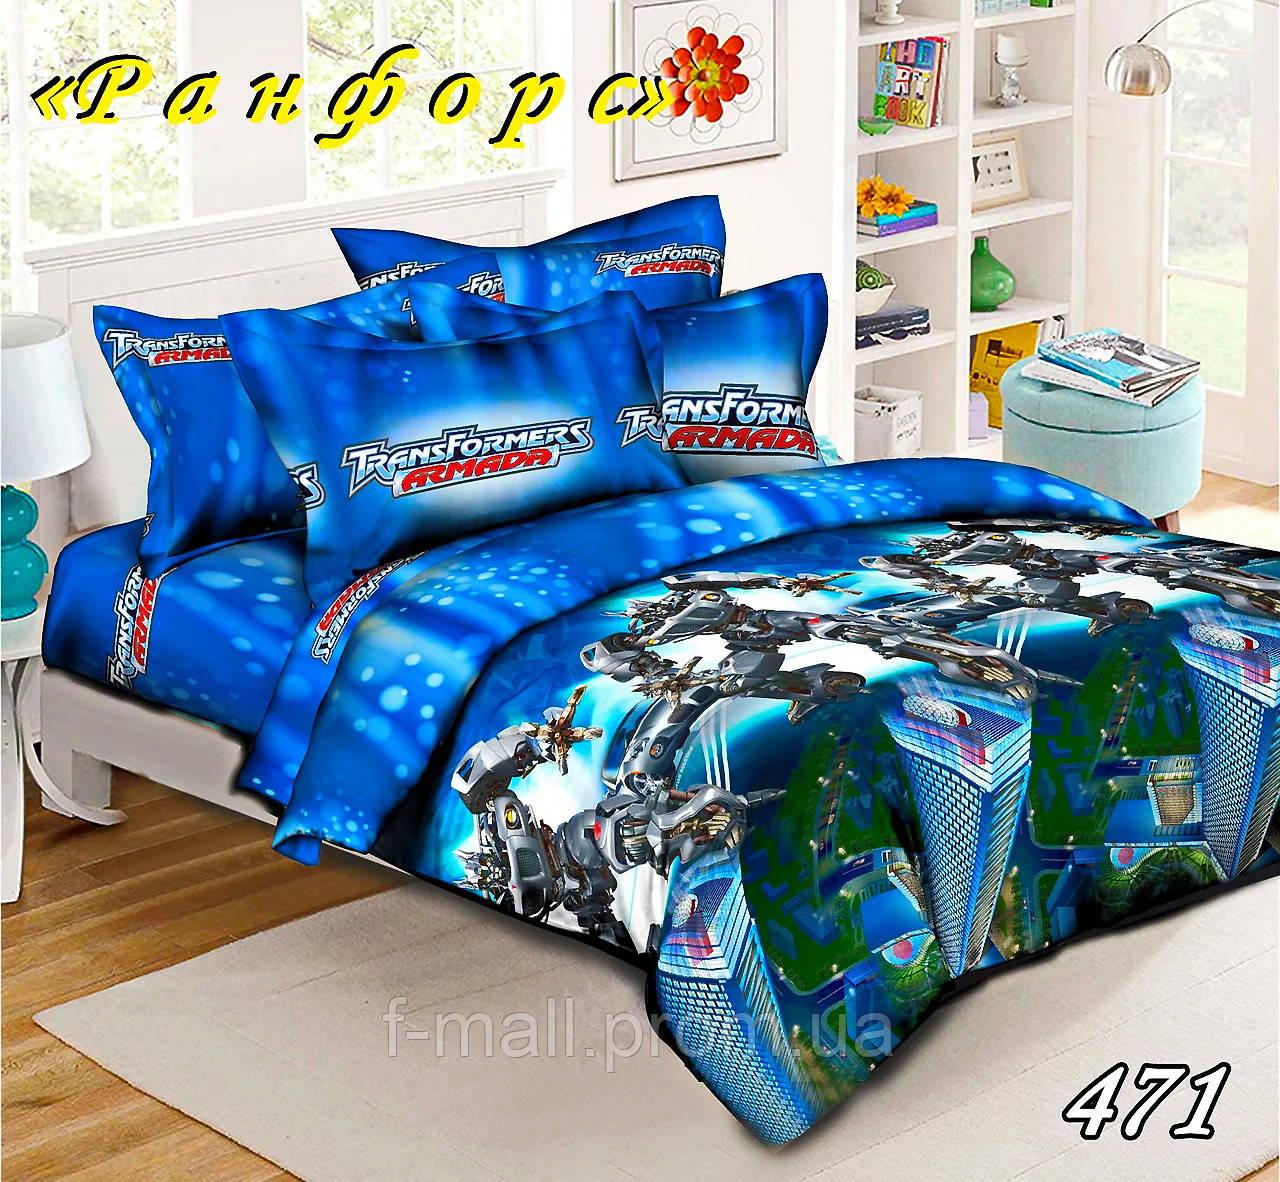 Комплект детского постельного белья Тет-А-Тет (Украина) ранфорс полуторное (471)